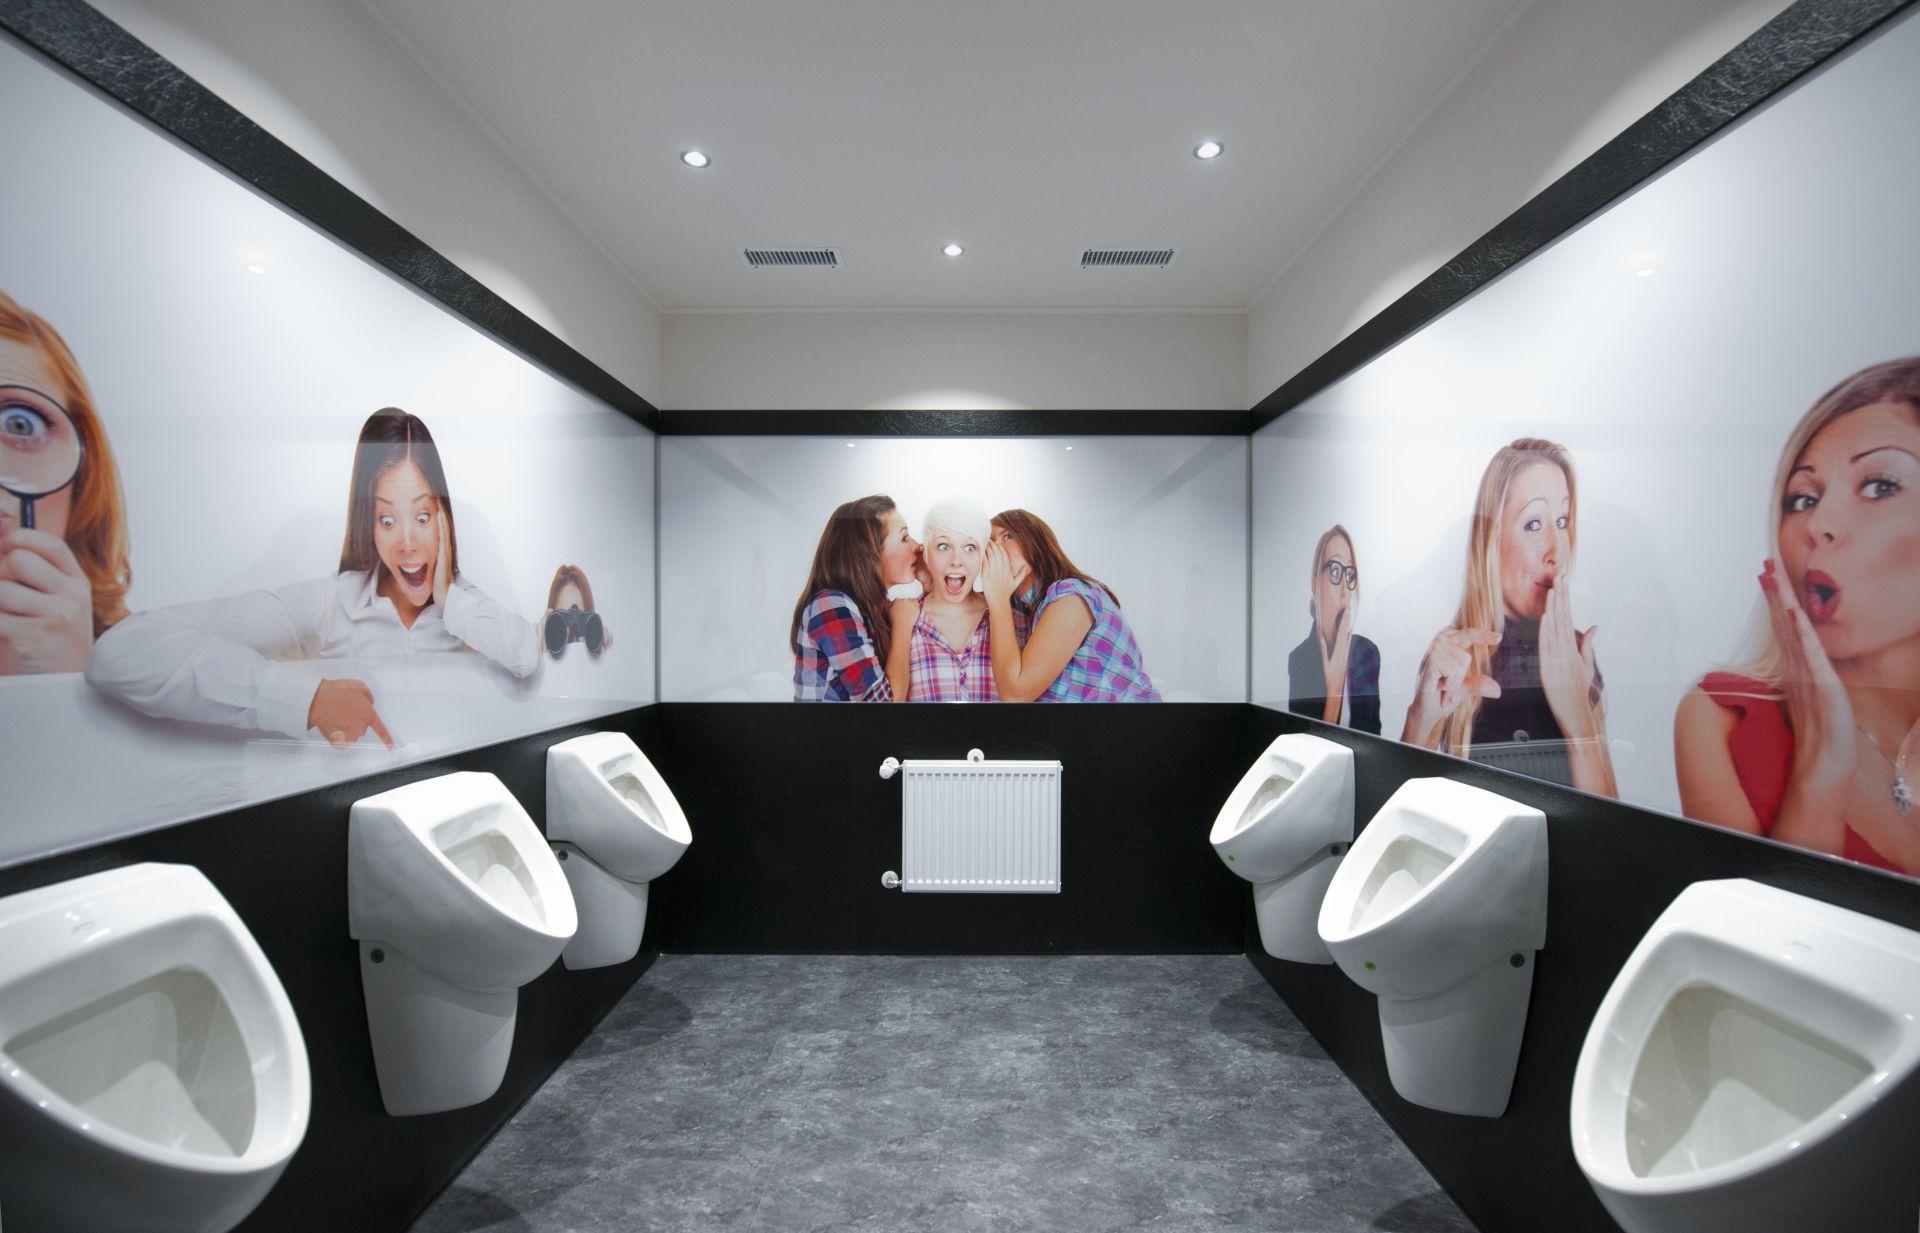 objekteinrichtung gastronomie sushi lounge objekteinrichtungen und schreinerei bodenschl gel. Black Bedroom Furniture Sets. Home Design Ideas